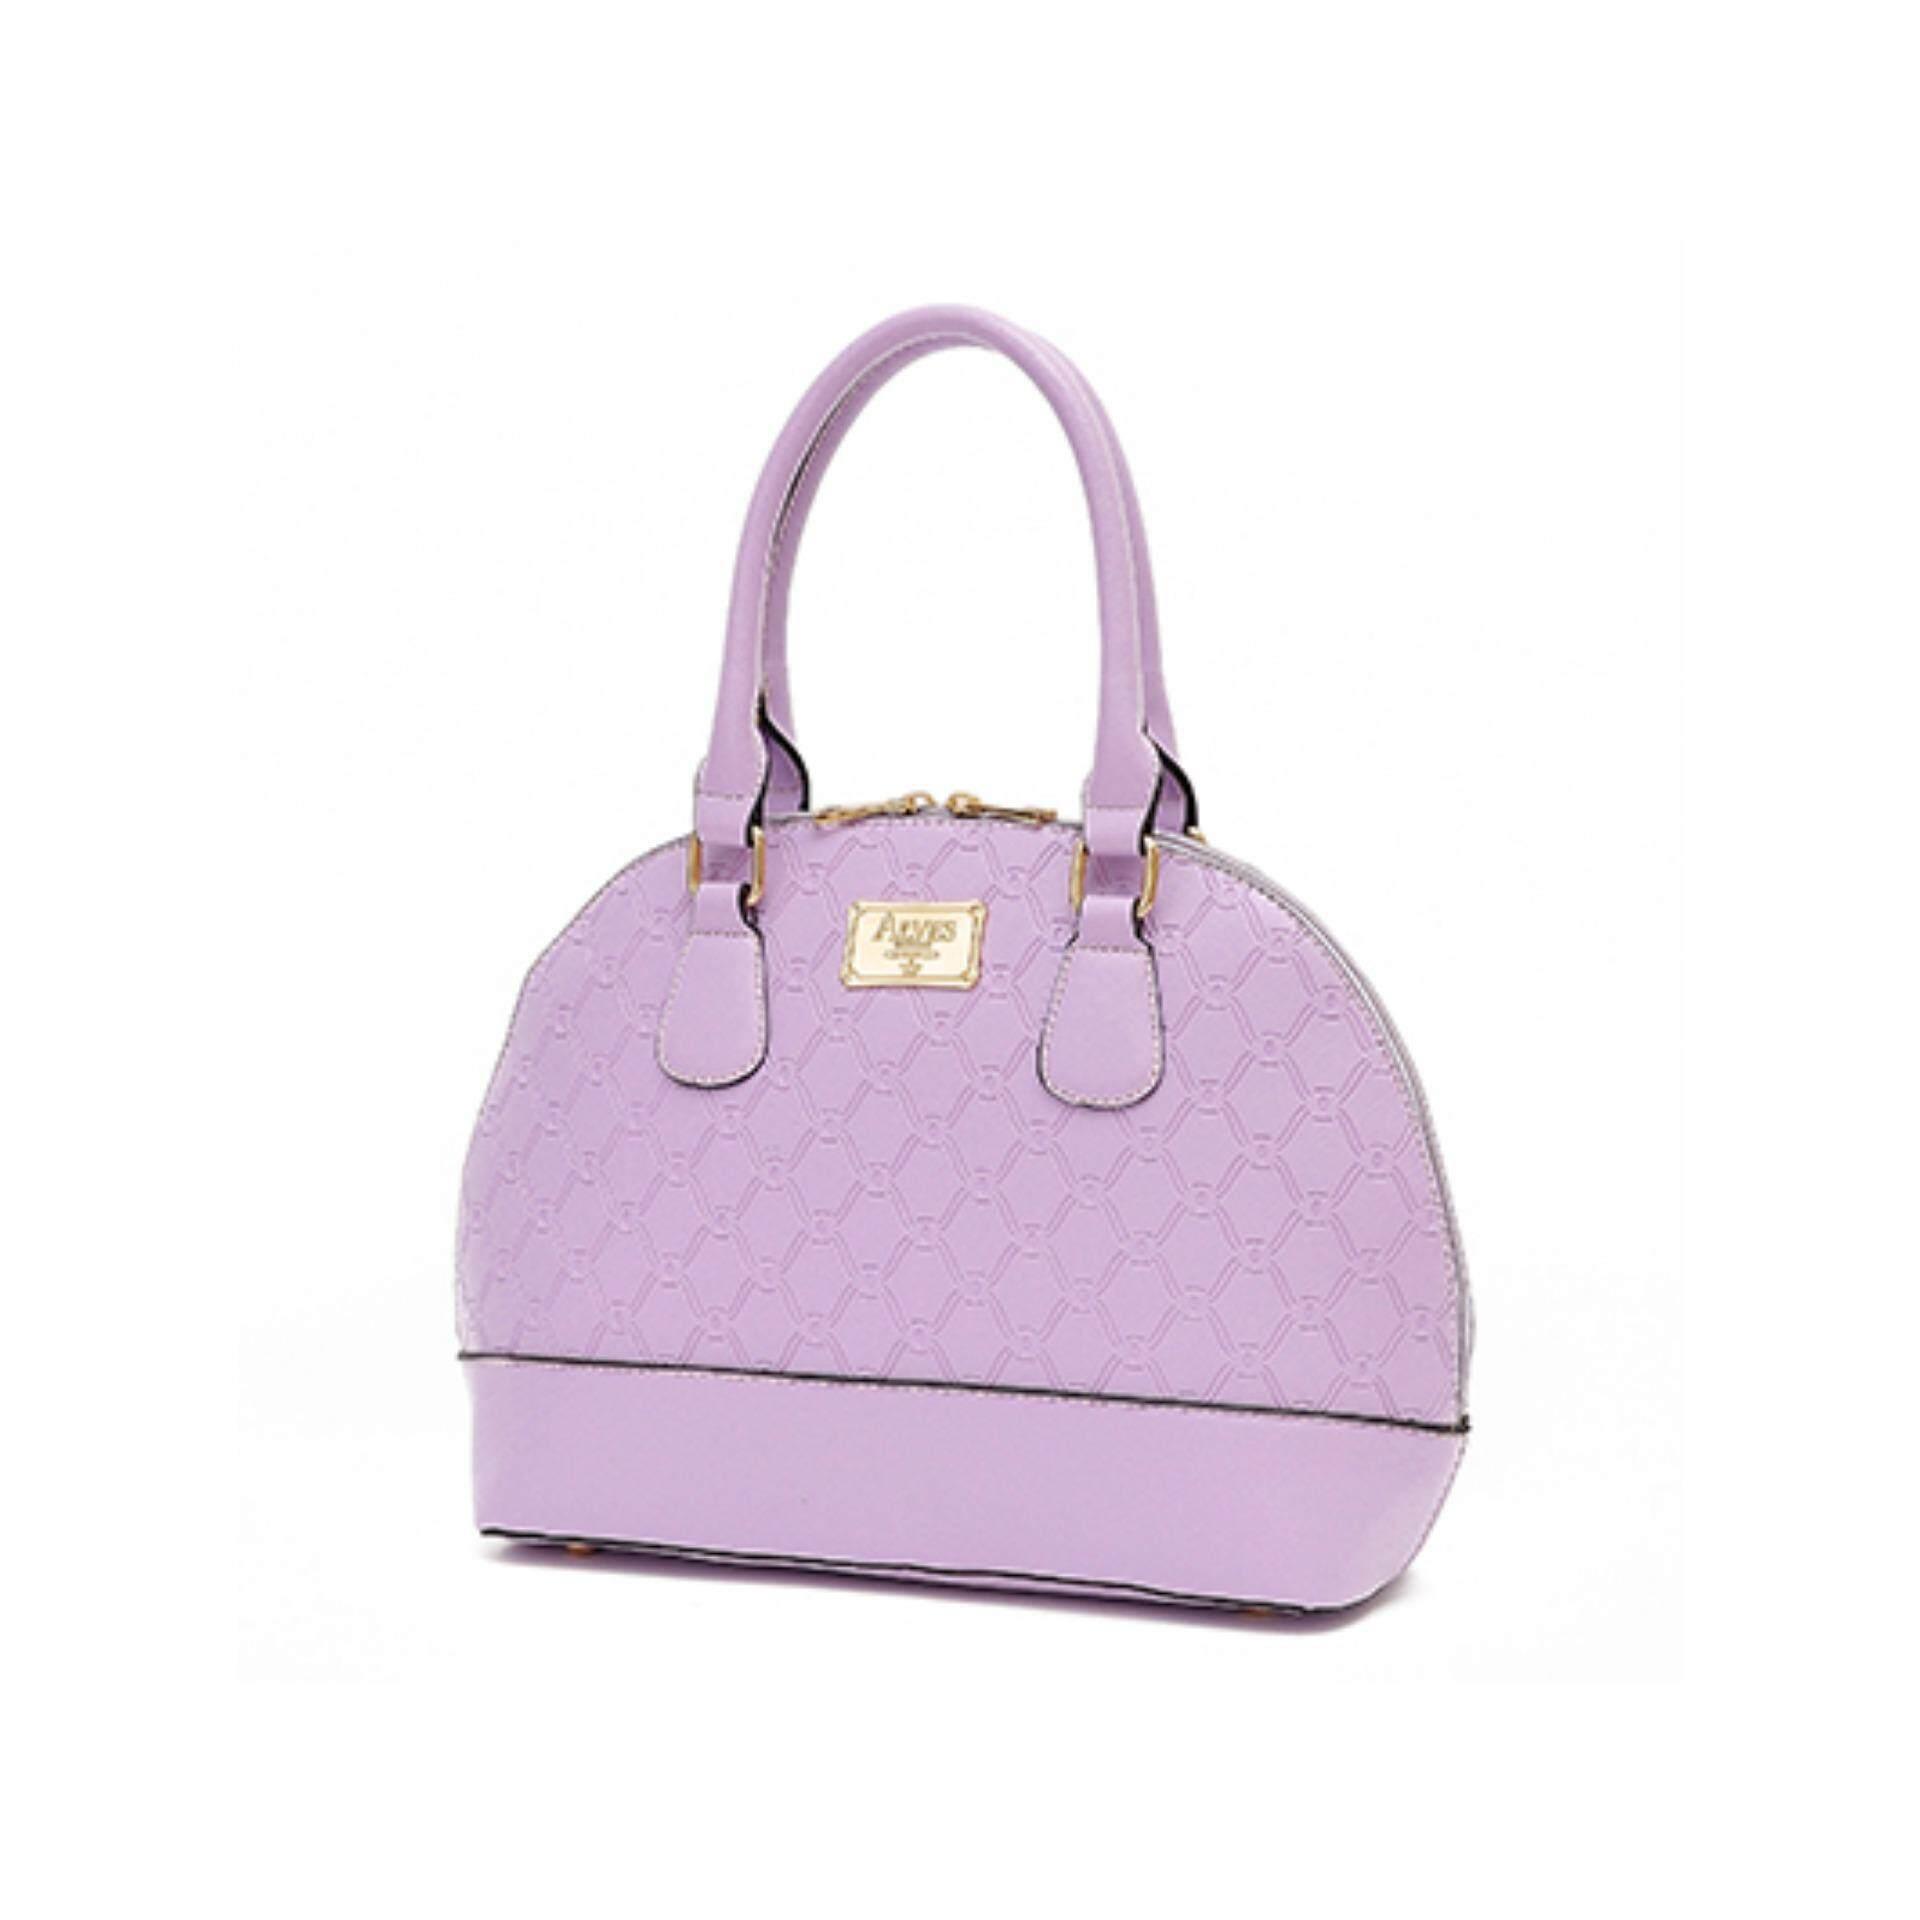 Eslene Alves AL3-565 Handbag-PURPLE